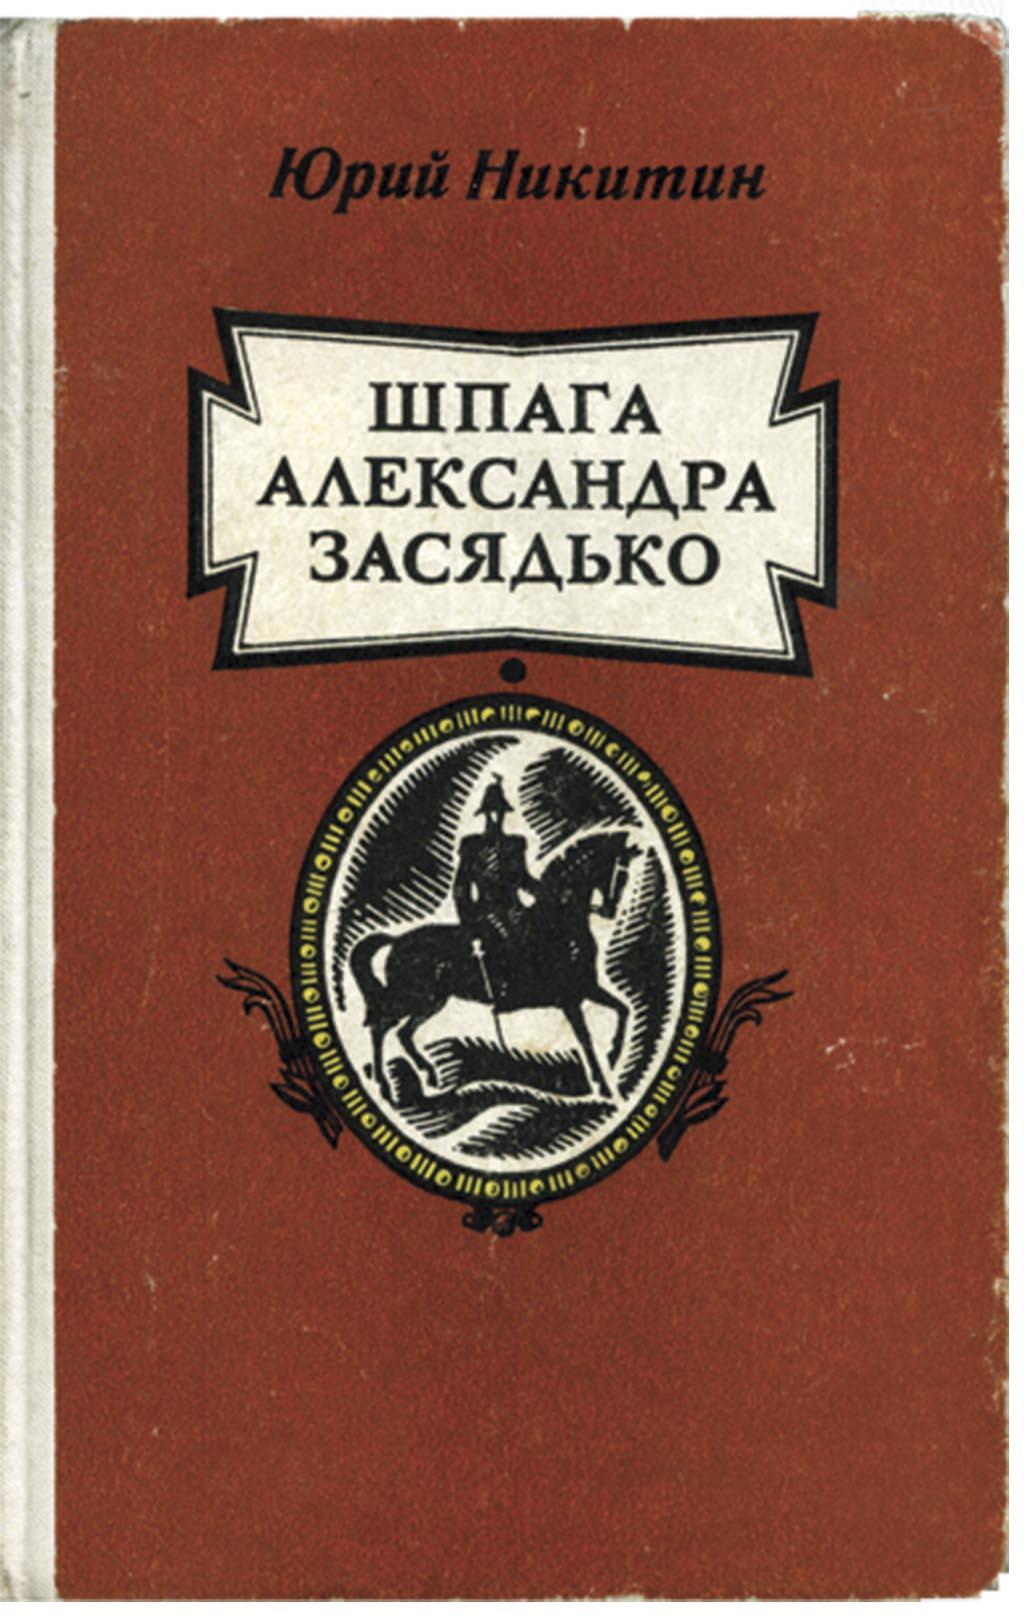 000 spaga book